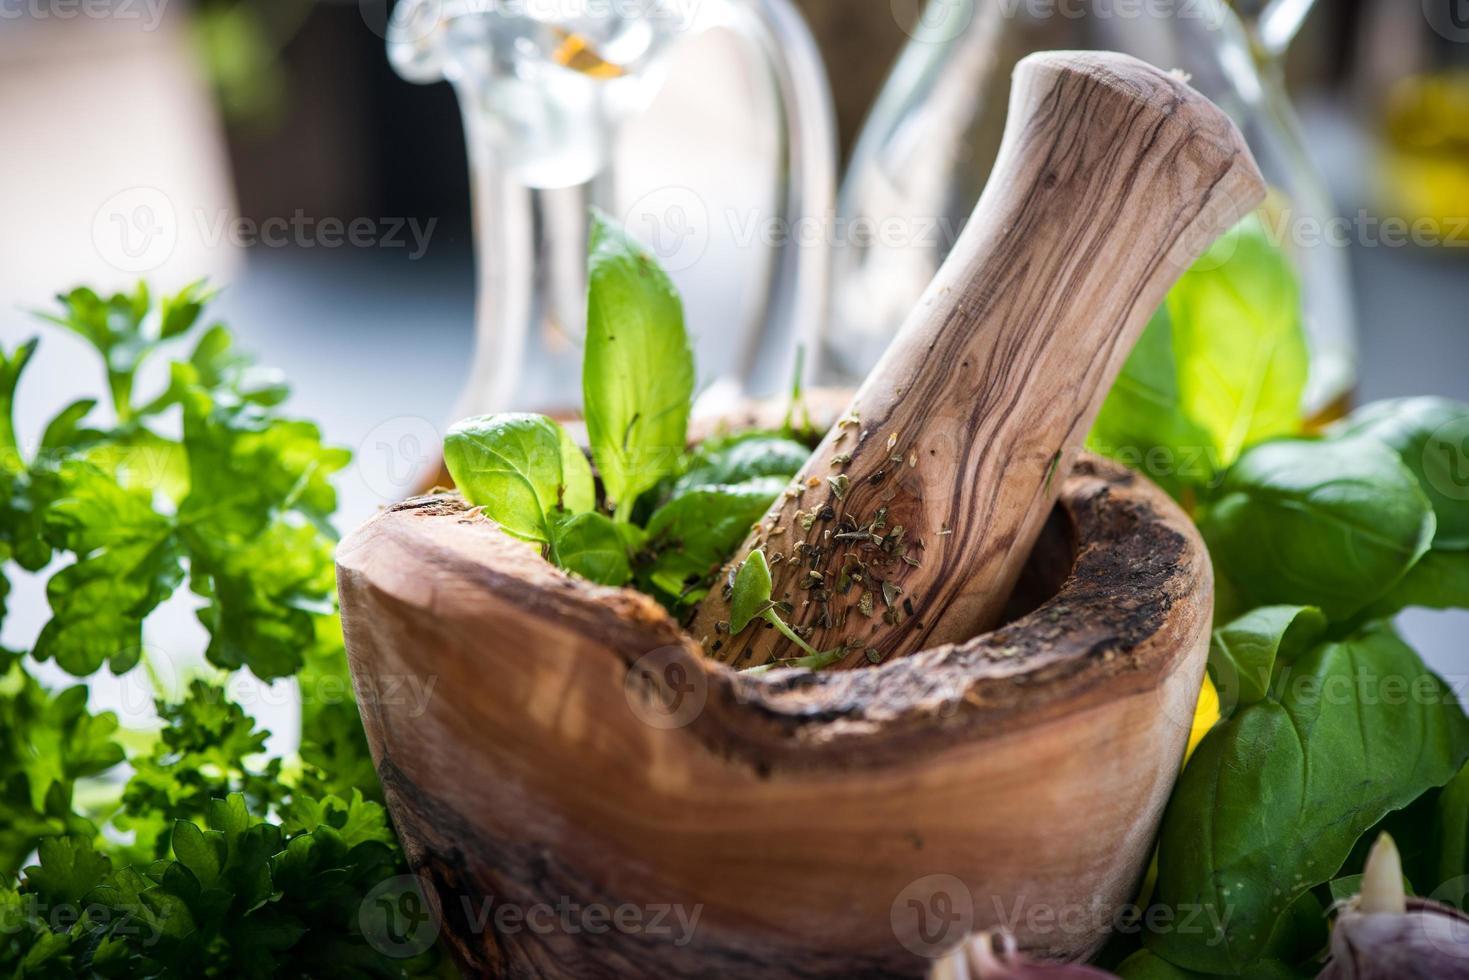 hierbas frescas y especias en mortero de madera foto